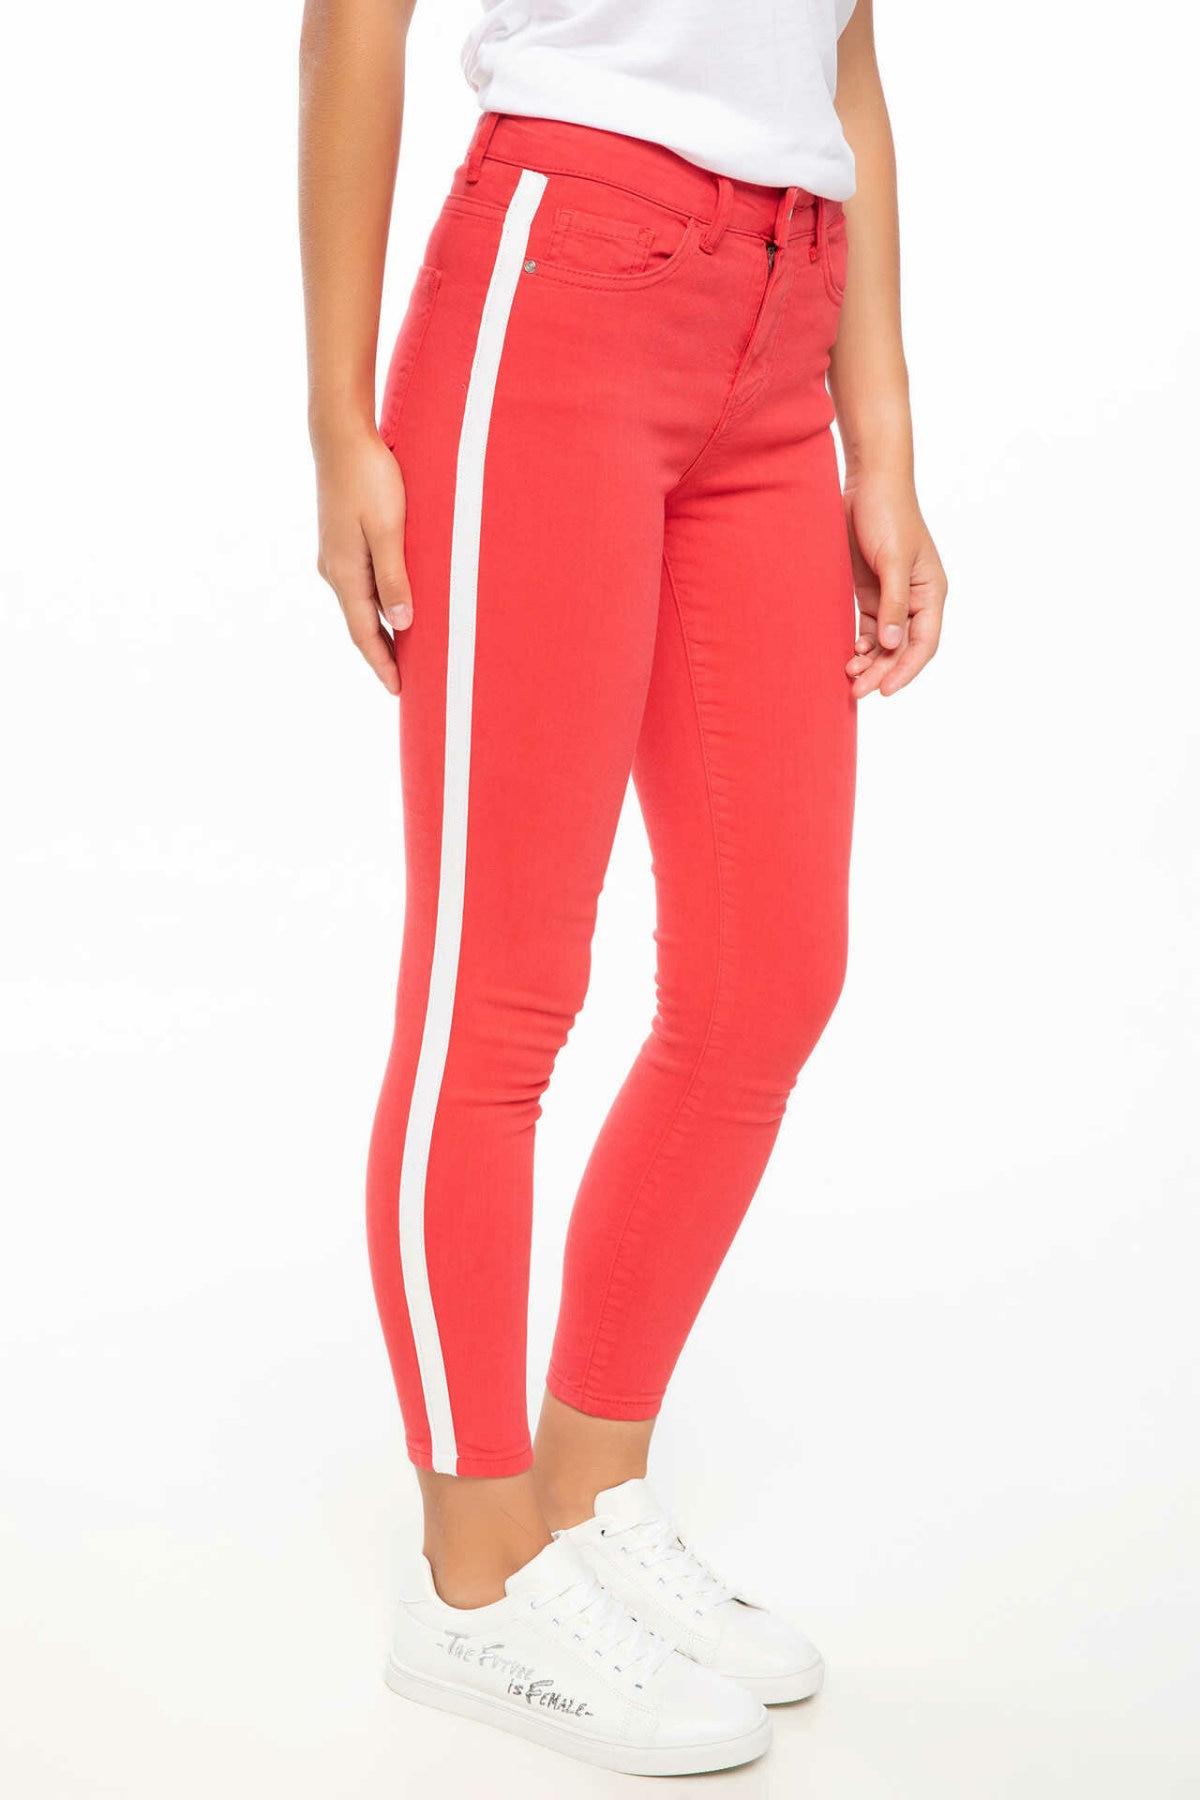 DeFacto Fashion Woman Autumn Slim Long Pants Women Pencil Pant Casual Elastic Female Bottoms Crop Trousers - K0118AZ18HS